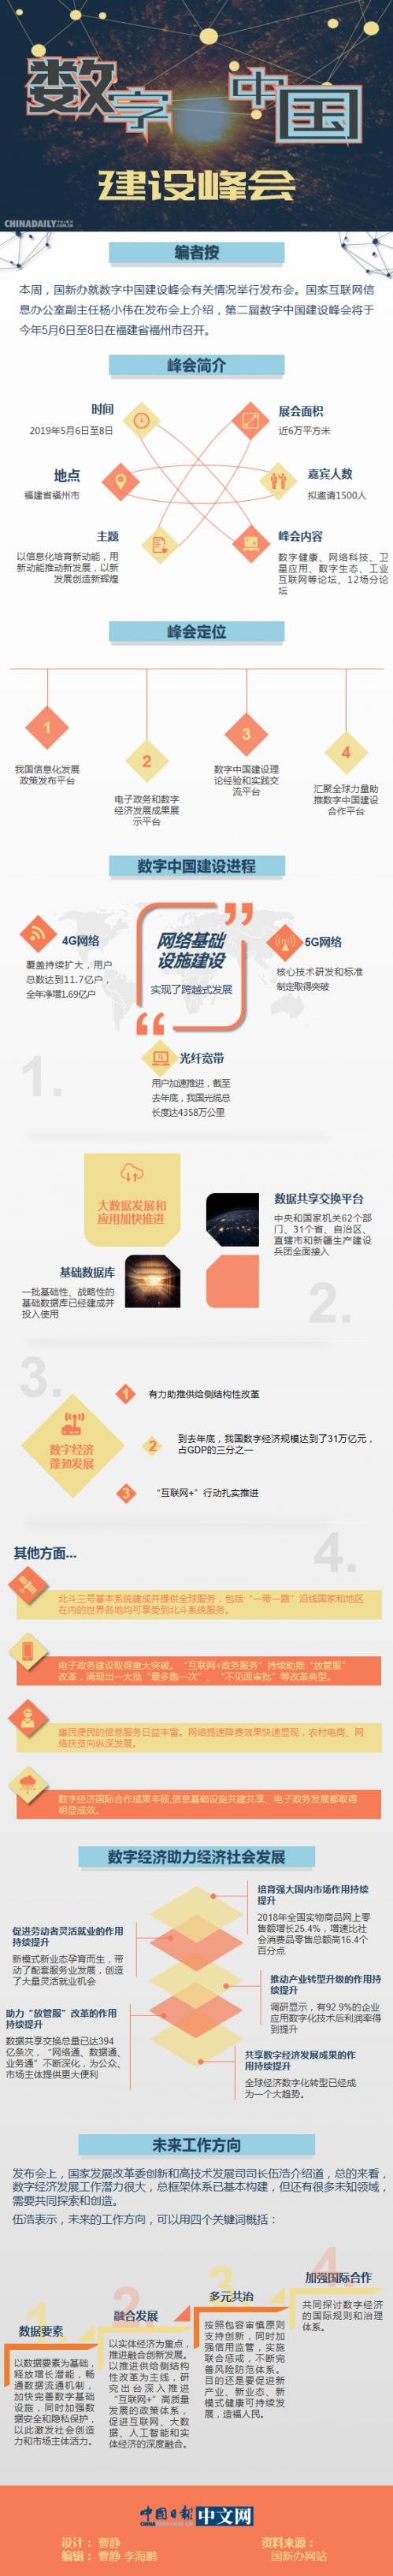 5月6日福州见!看数字中国建设助力经济社会发展